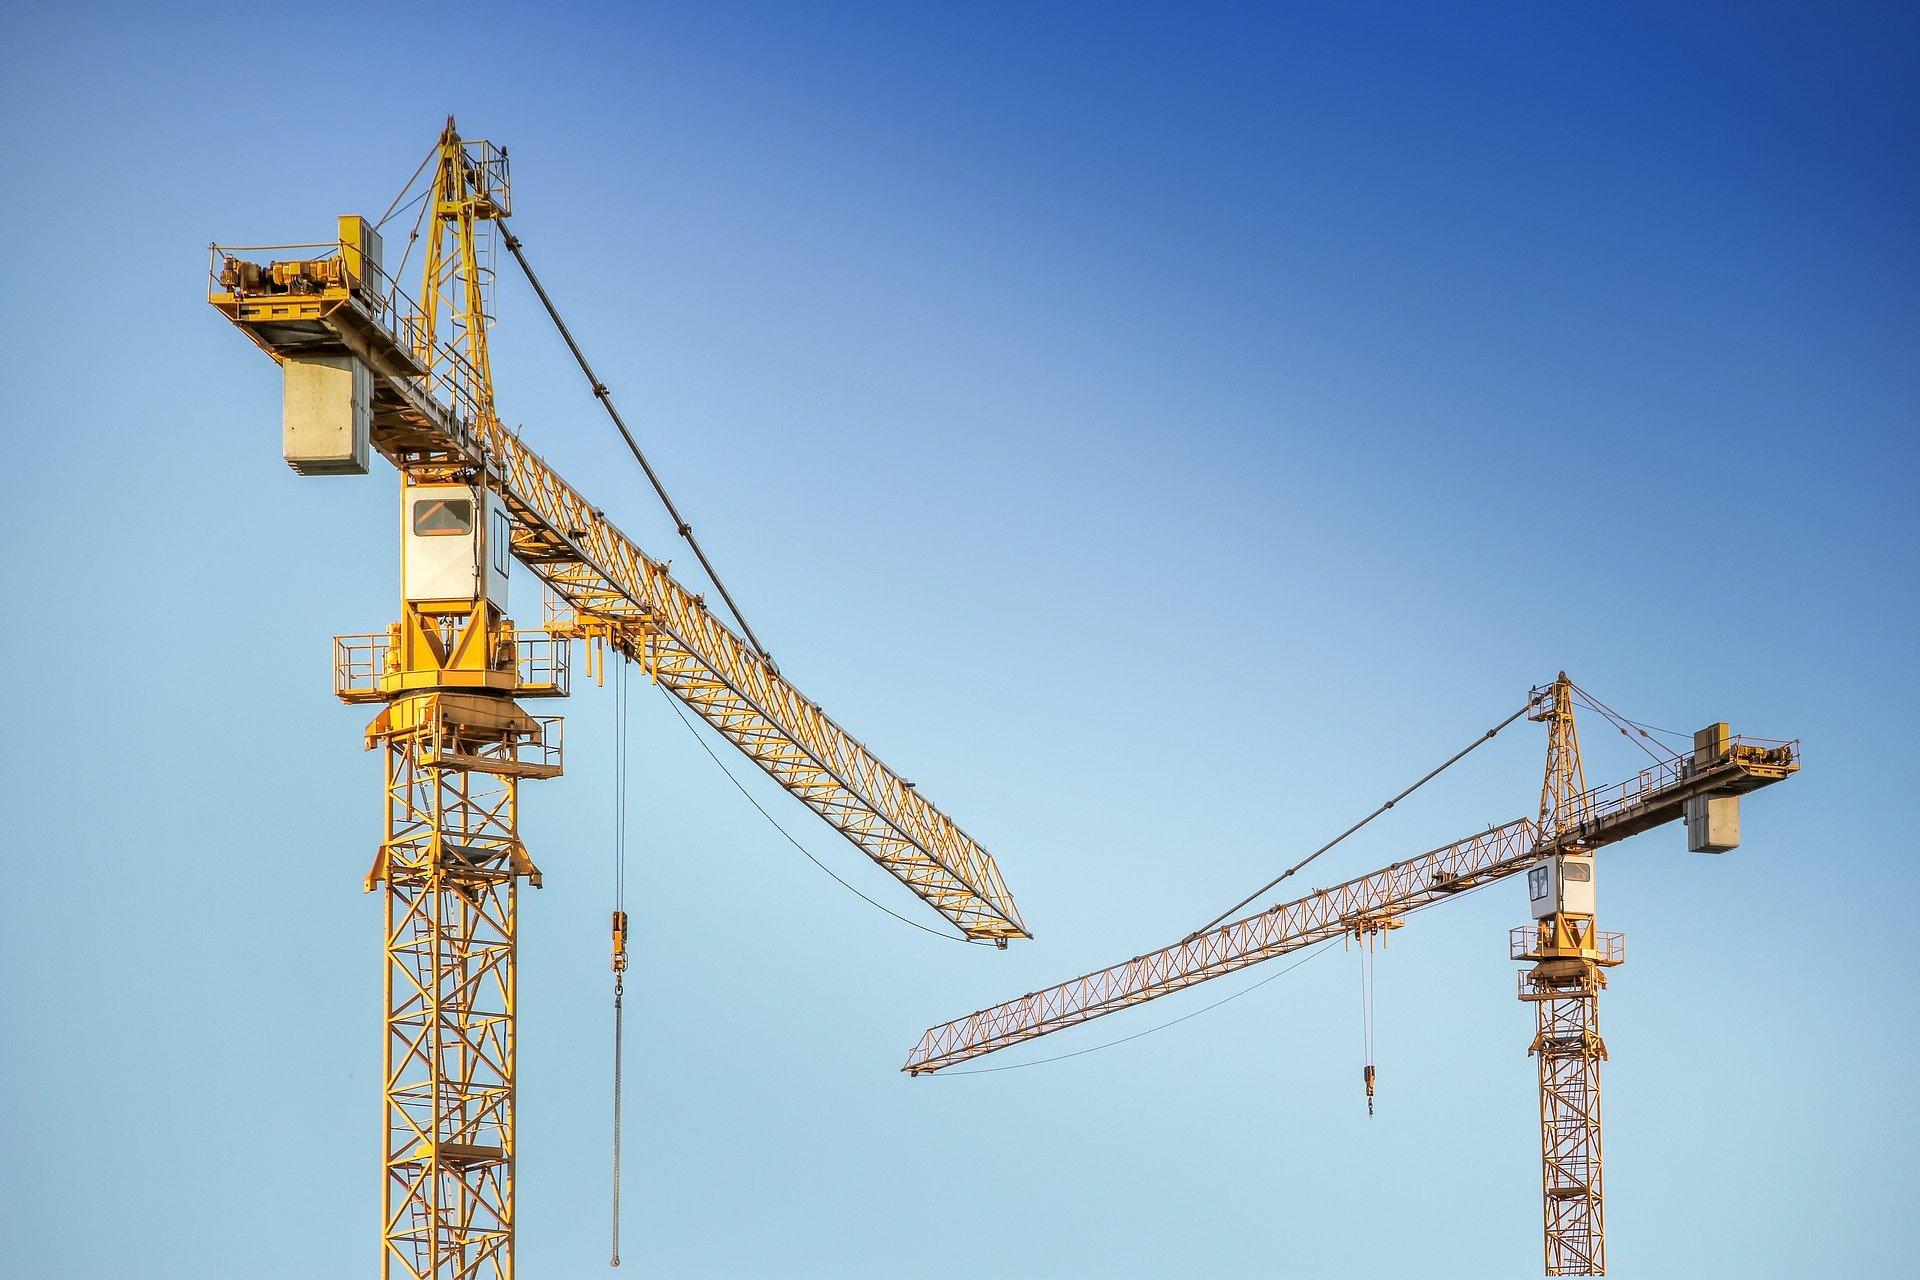 Baustellenüberwachung, Baustellenbewachung Sicherheitsdienst Baustelle, Bau bewachen Speyer